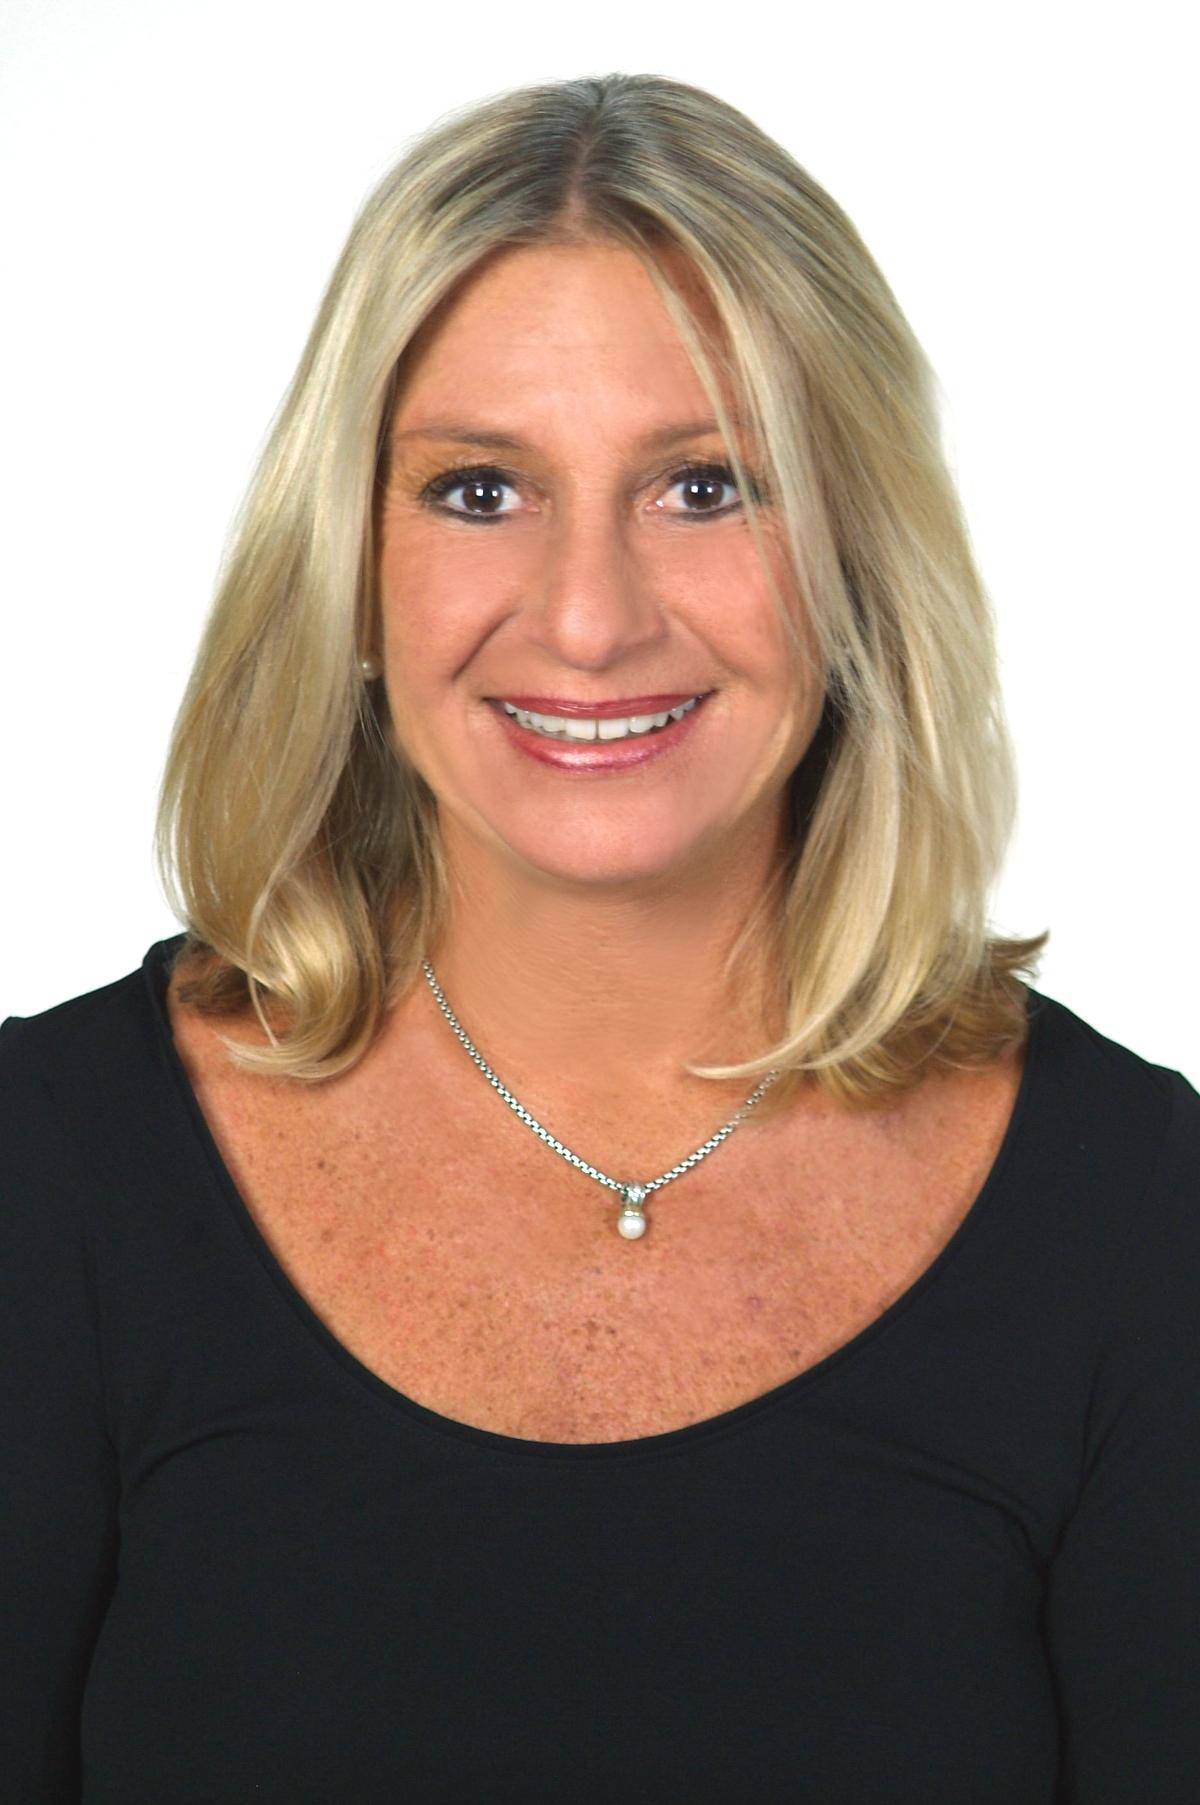 Debbie Cremonese Cyr